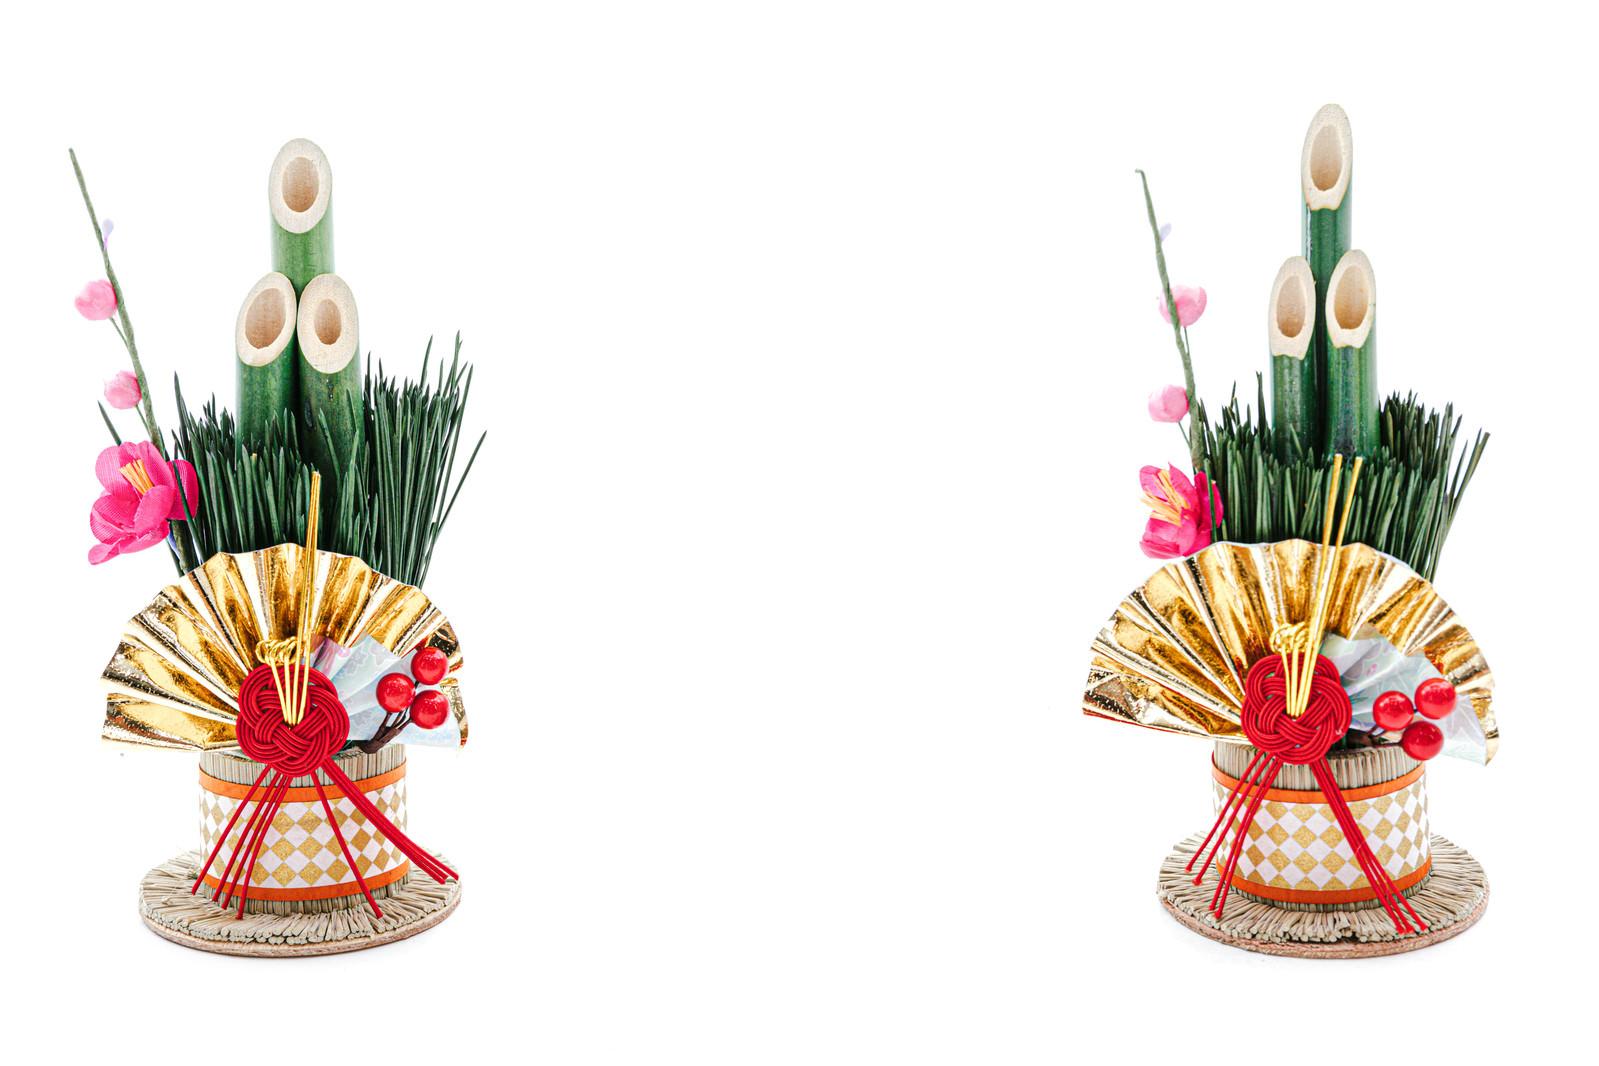 「あけおめ門松の小物」の写真